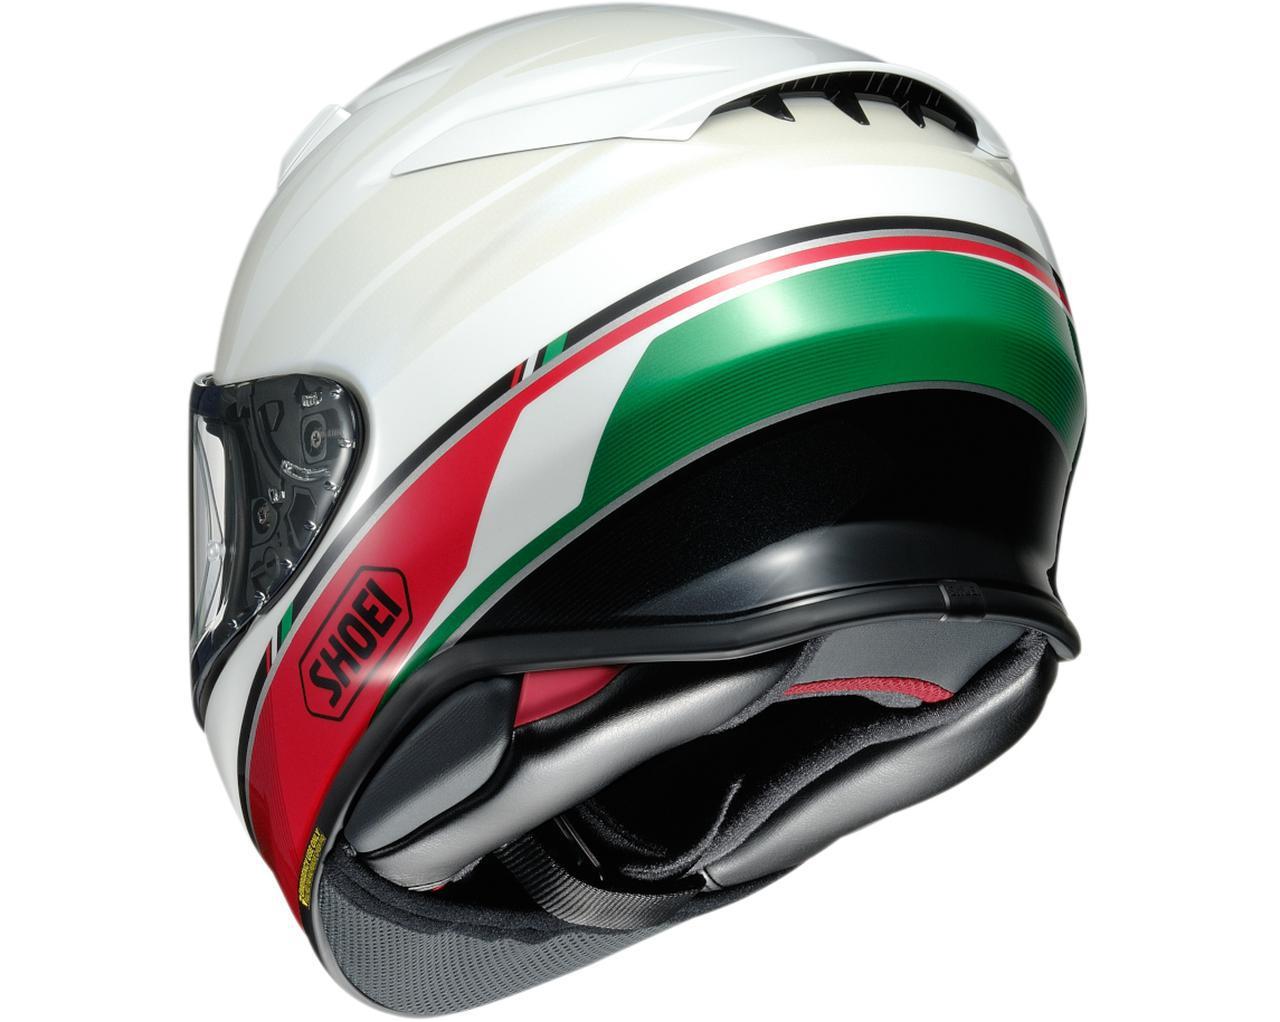 画像8: SHOEIの新型ヘルメット「Z-8」グラフィックモデル・まとめ|2021年5月末までに6モデル計13種のカラーが登場